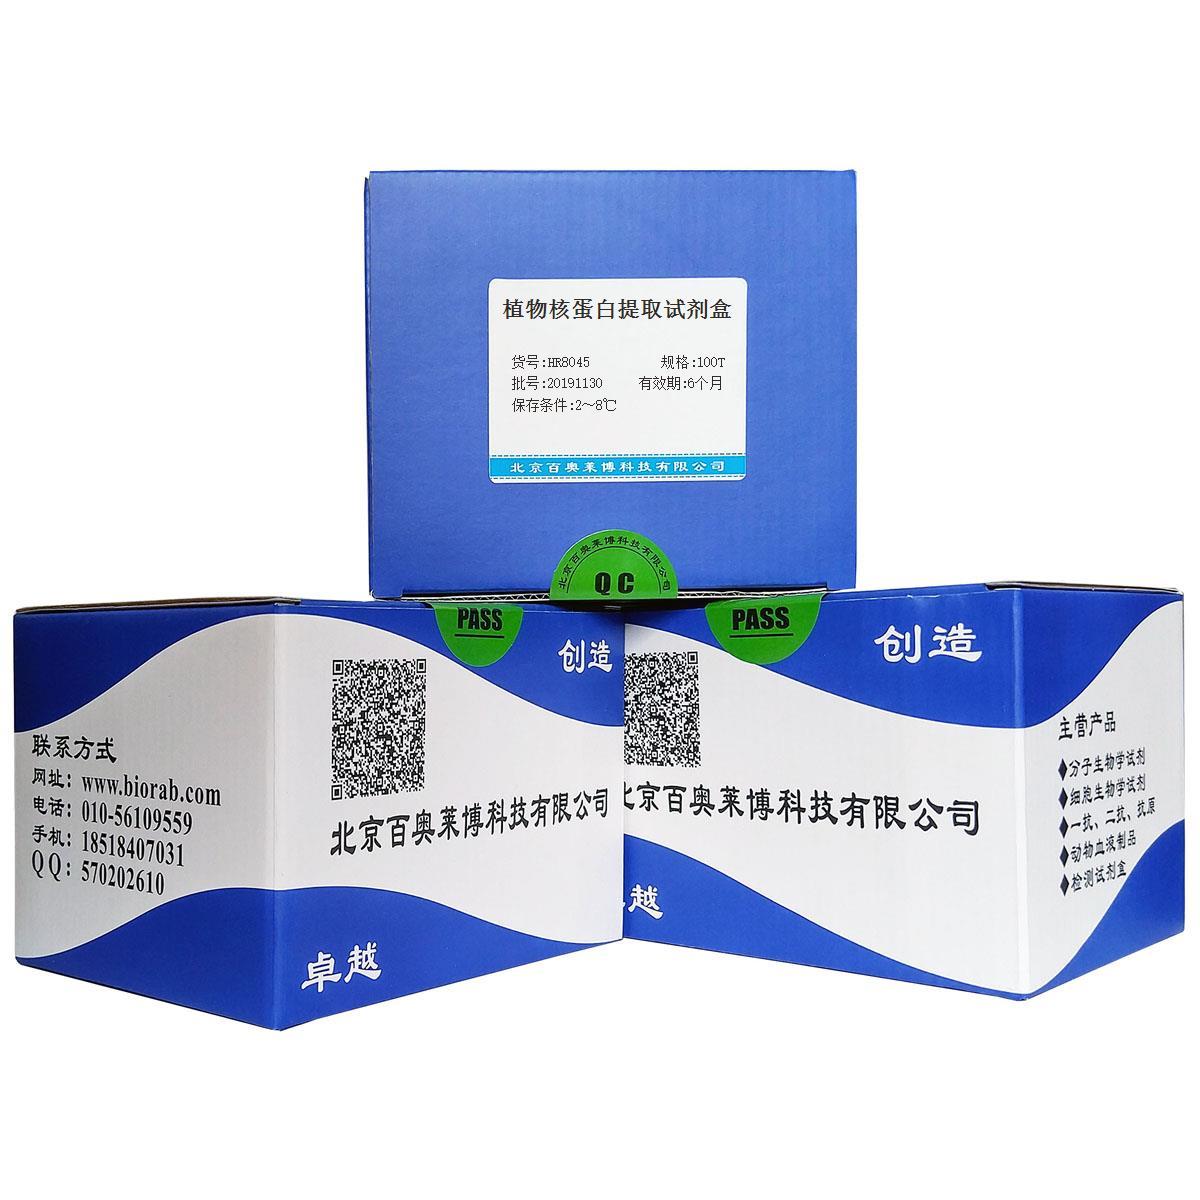 植物核蛋白提取试剂盒价格